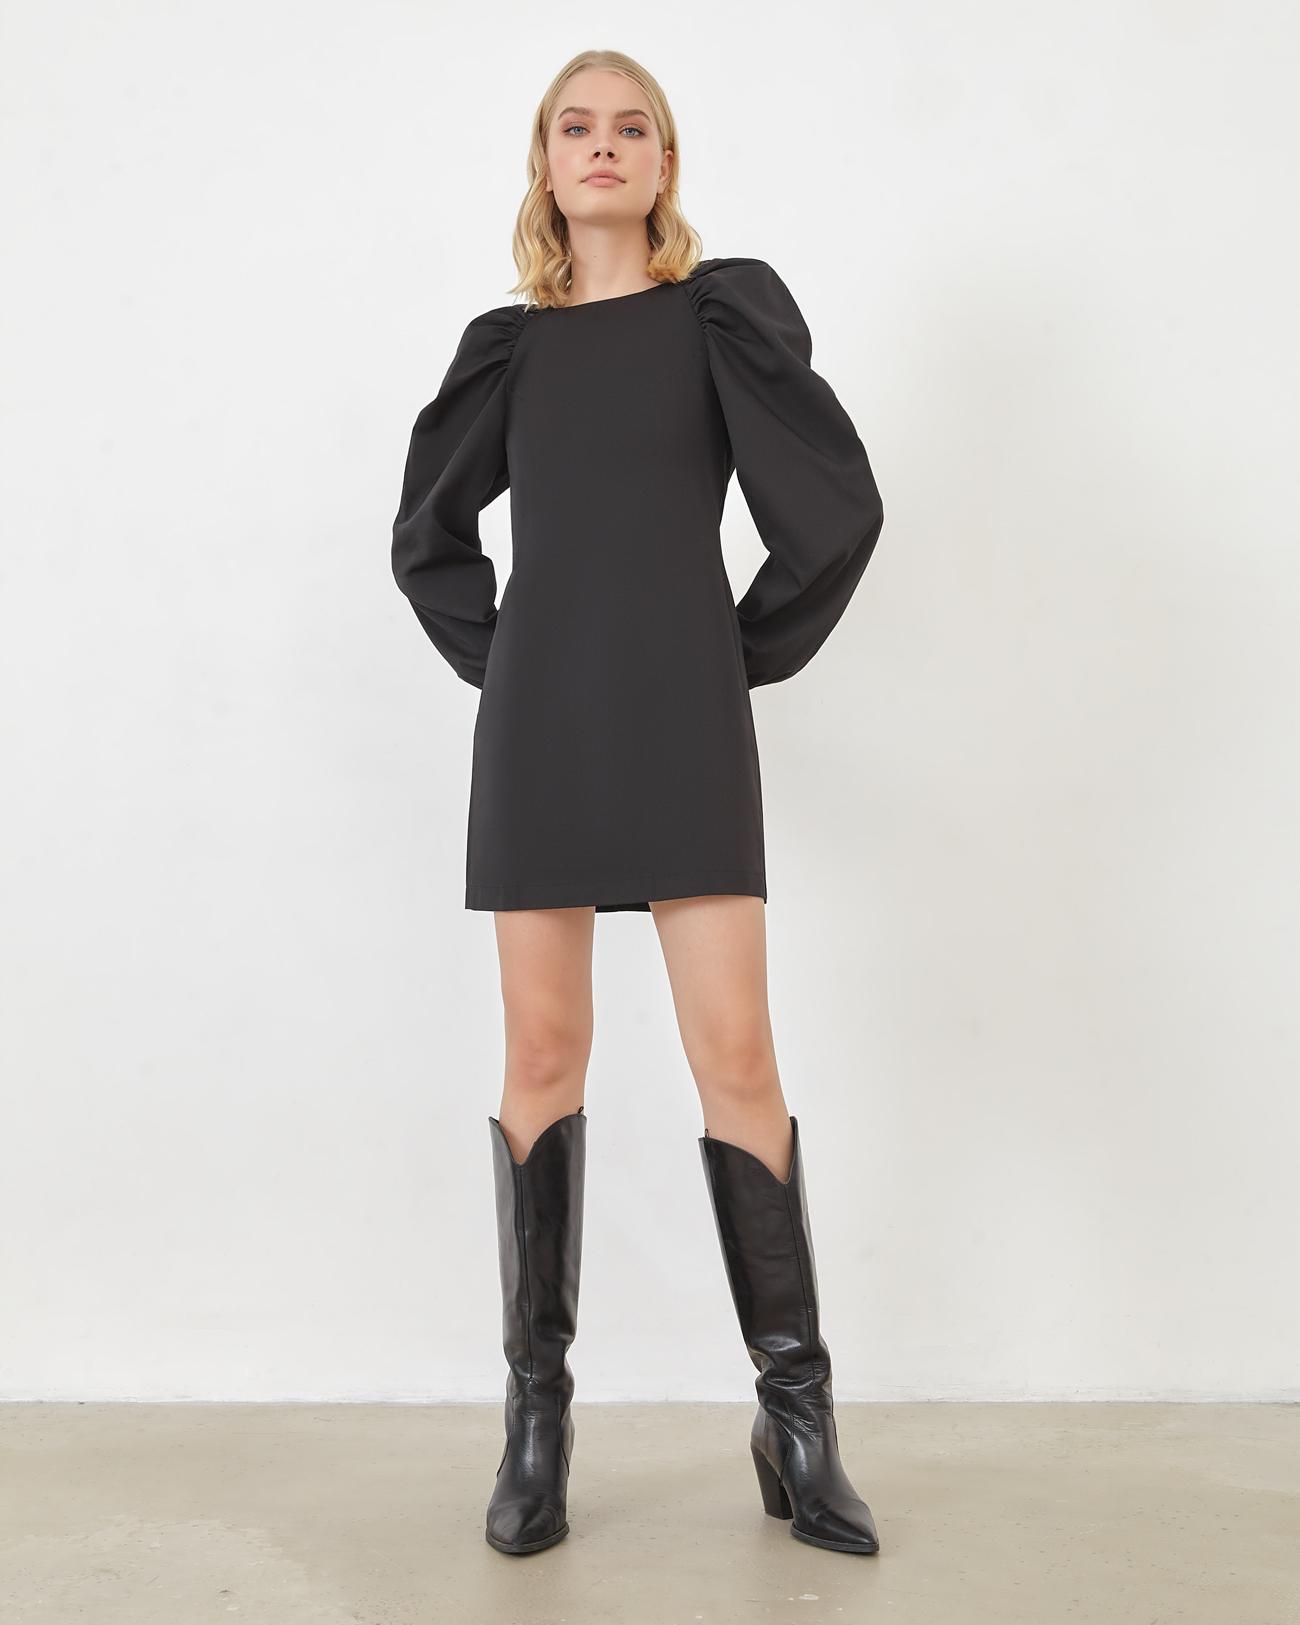 Платье мини с рукавами реглан черного цвета фото